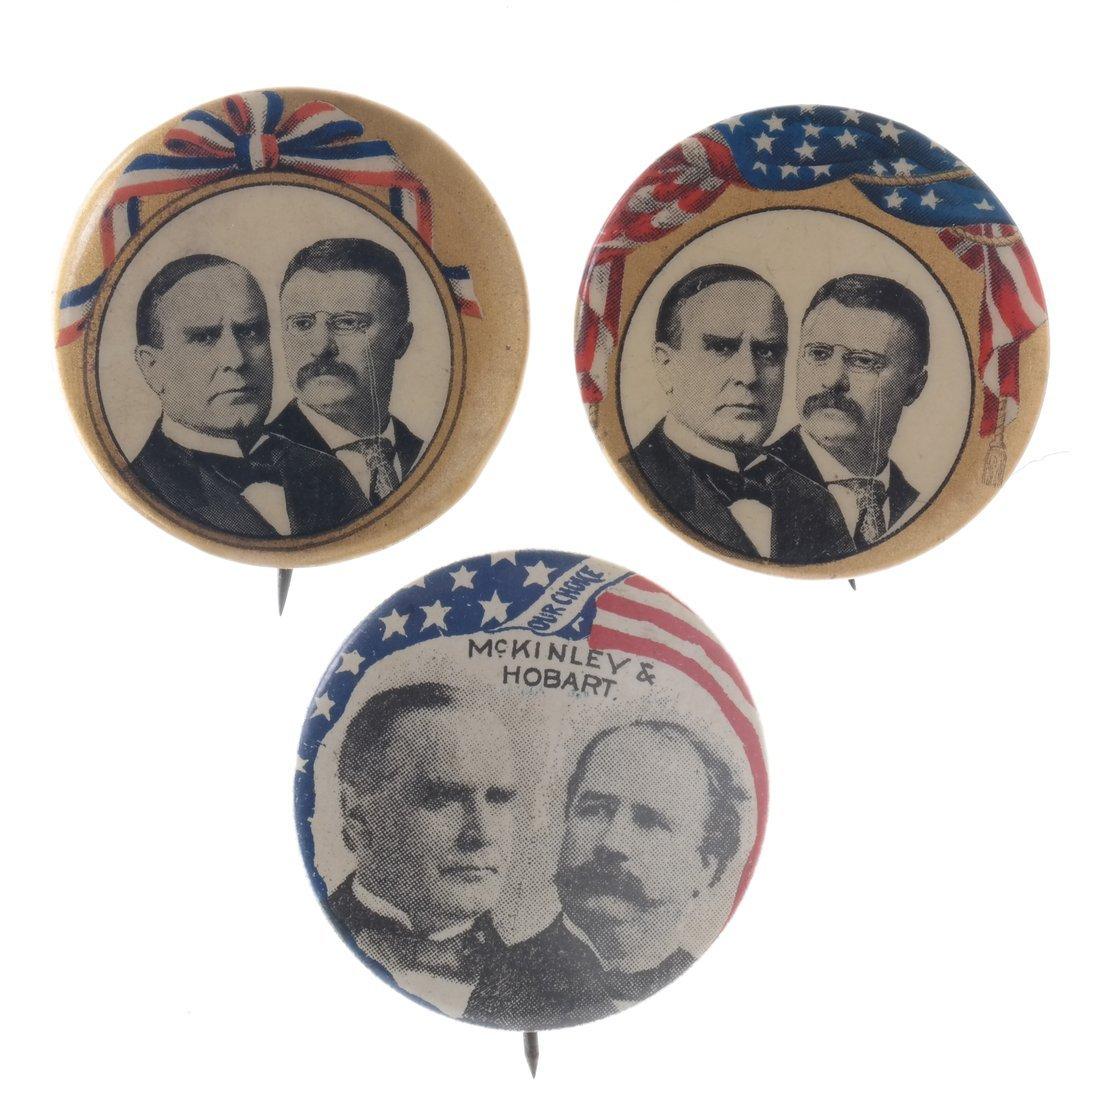 Wm. McKinley, Hobart, and Roosvelt - 1896 & 1900 - 5